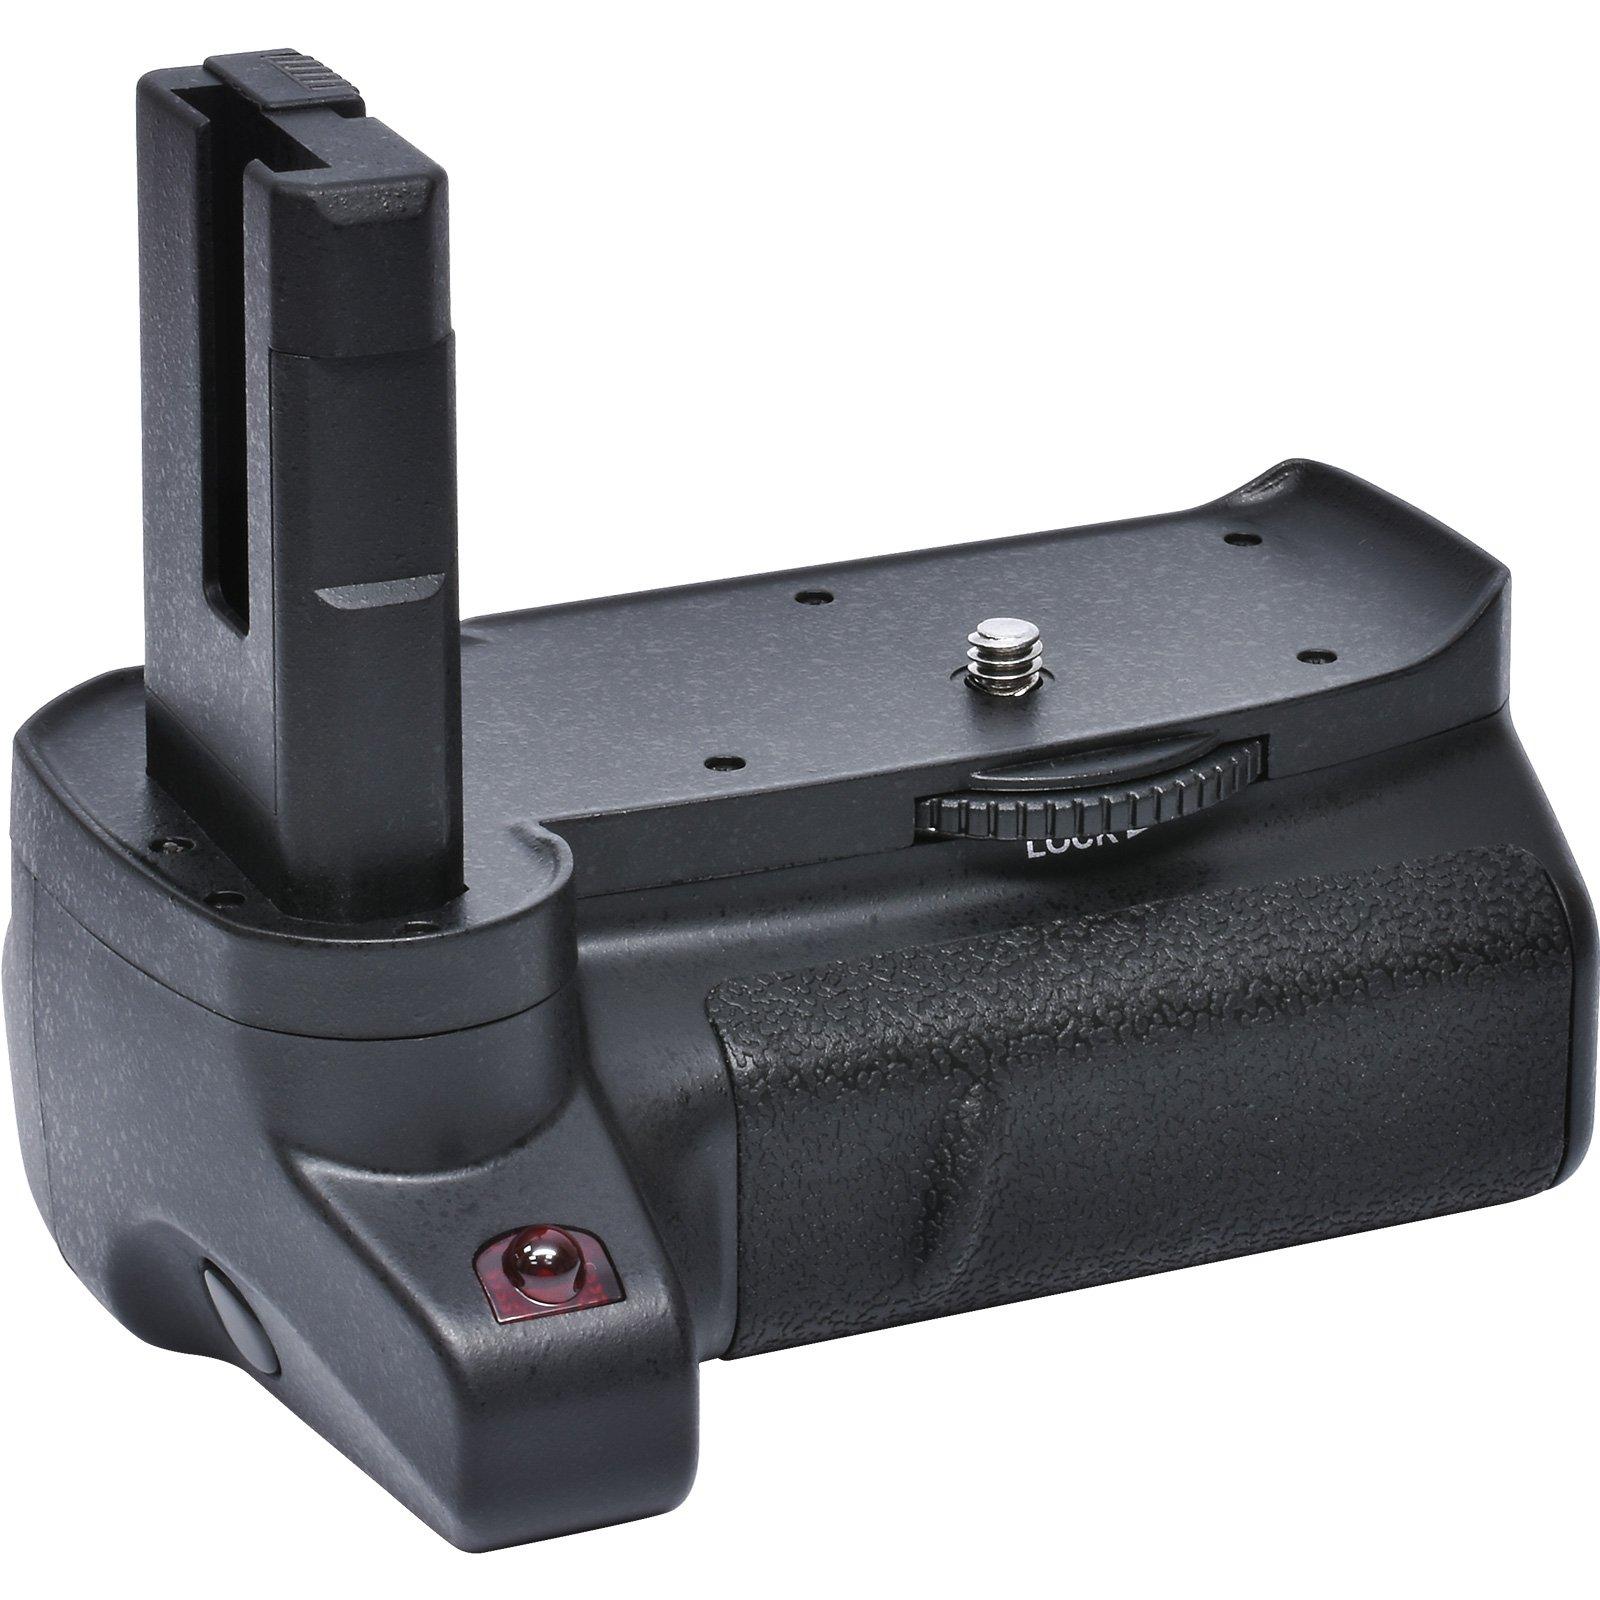 گرفتن باتری چند منظوره سری Vivitar Pro برای دوربین Nikon D3400 DSLR